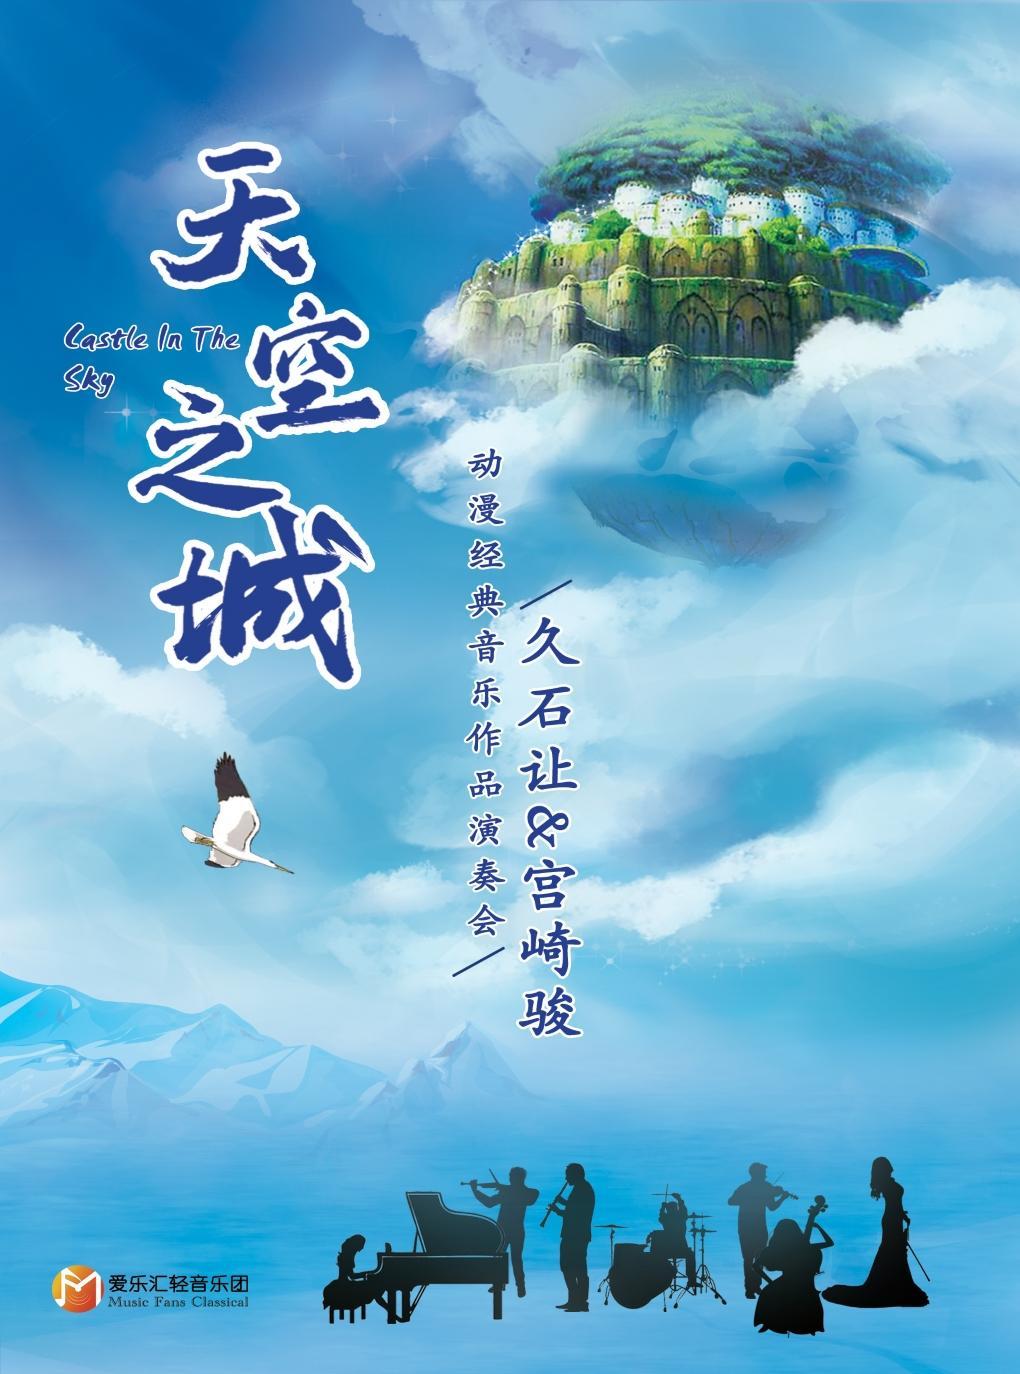 《天空之城》久石让宫崎骏动漫经典音乐